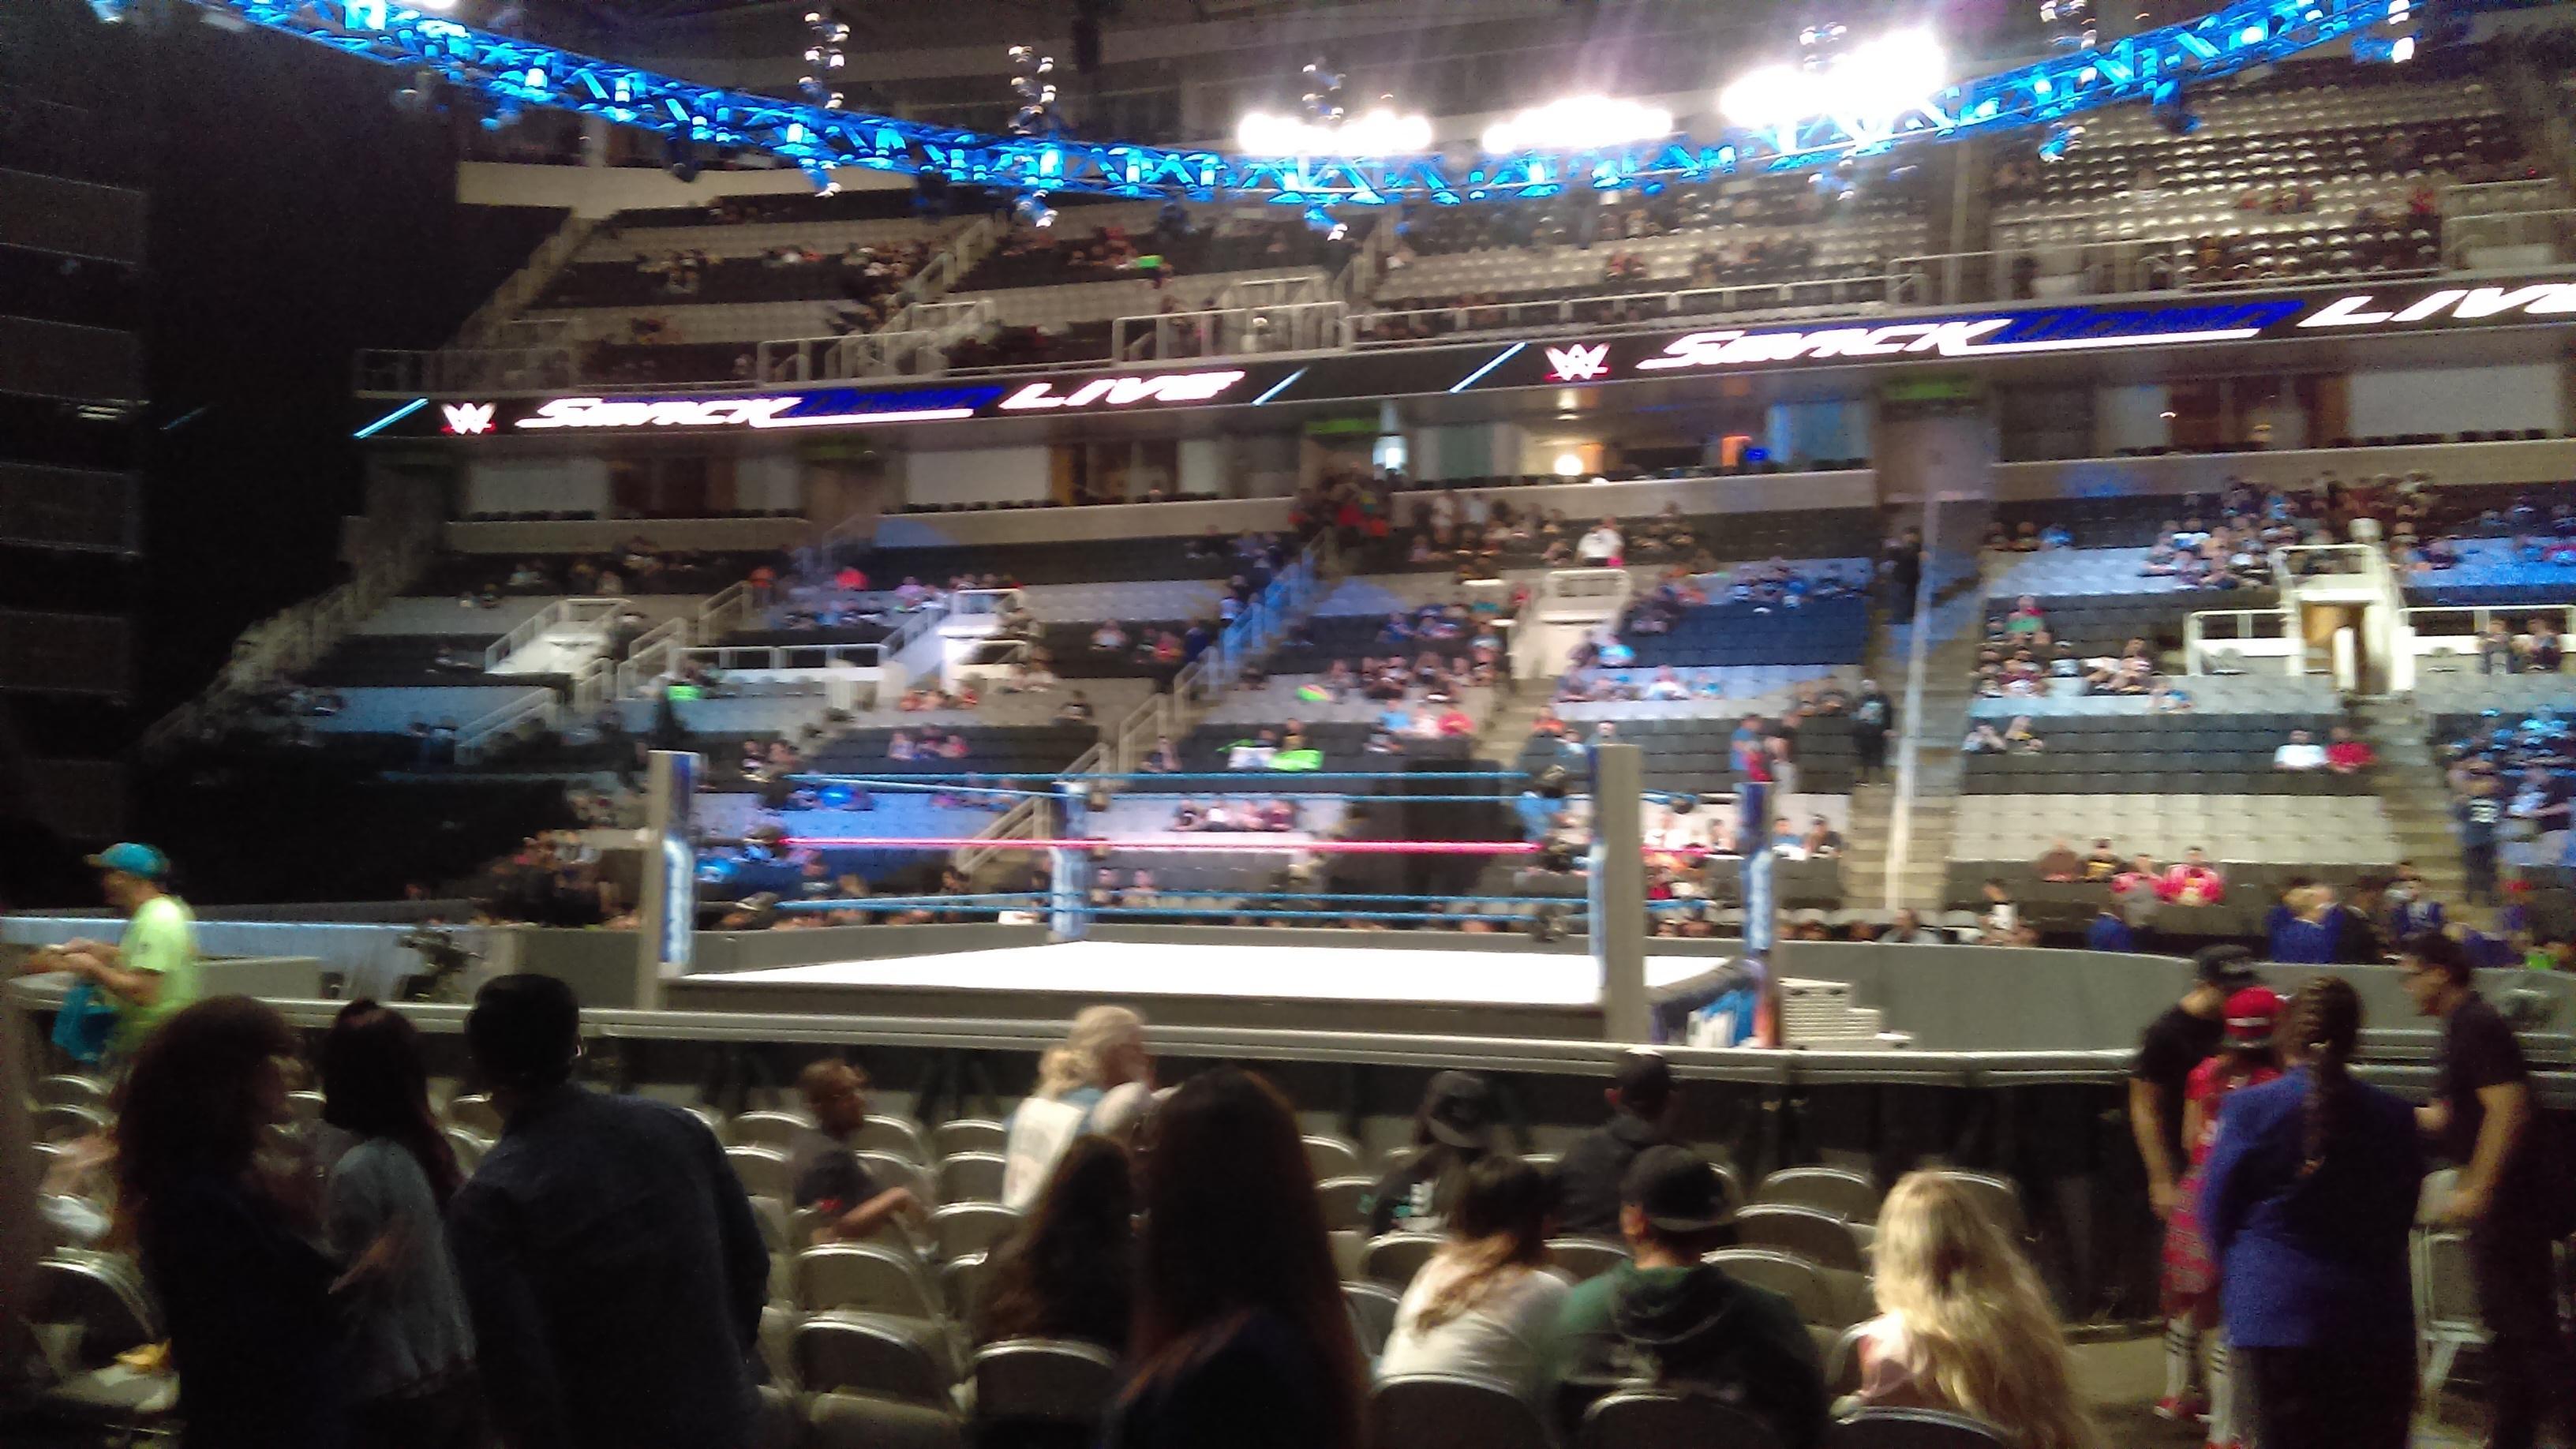 SAP Center at San Jose Section 114 Row 3 Seat 23